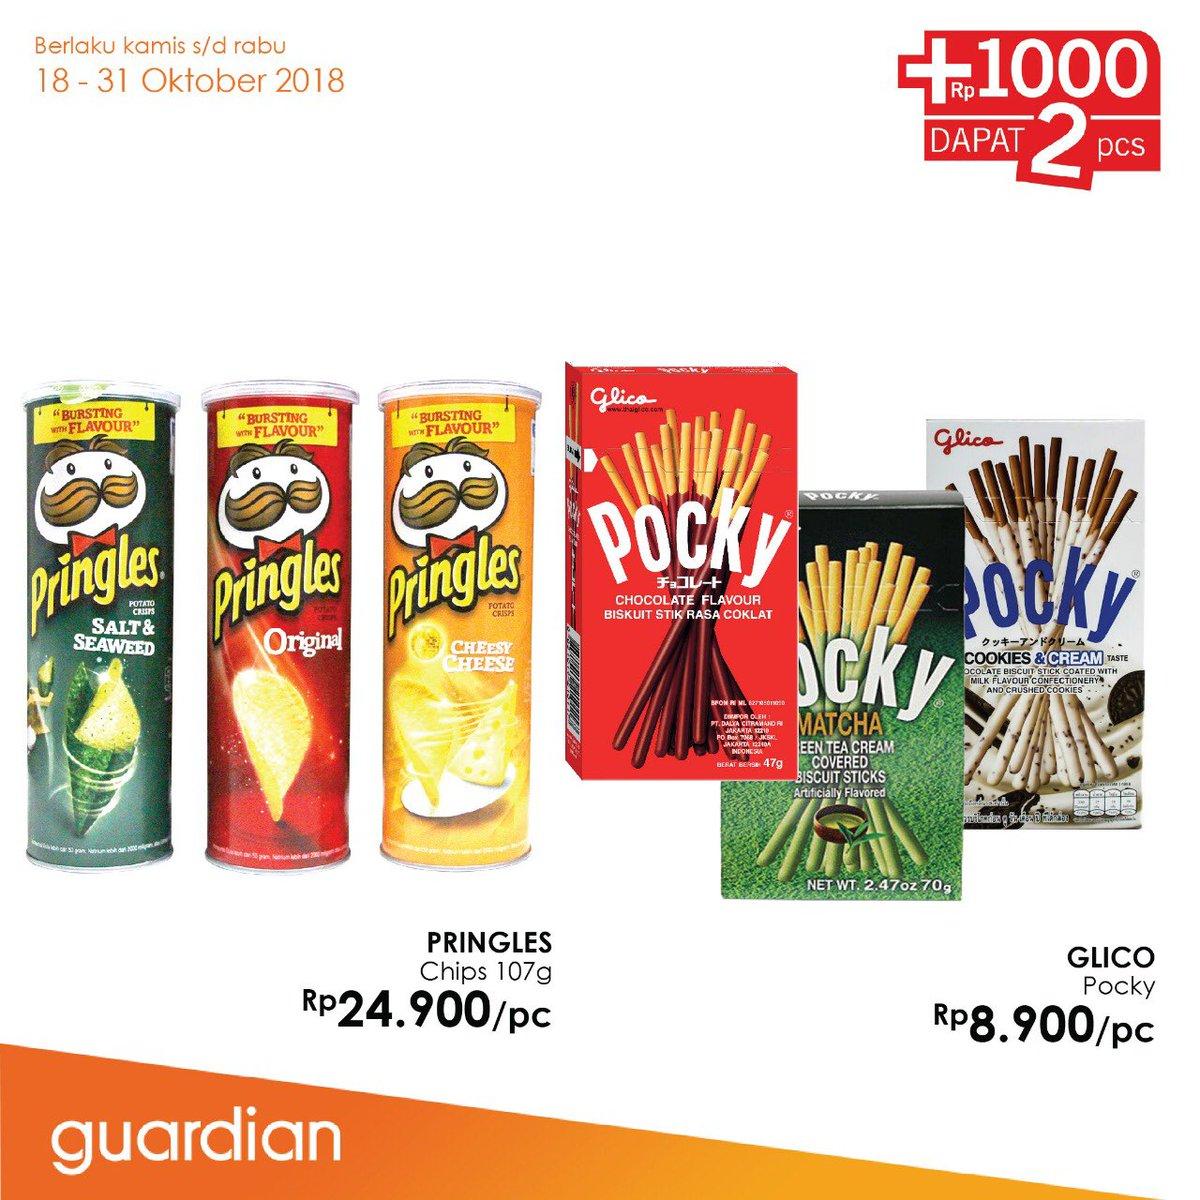 Guardian - Katalog Hanya tambah +1000 bisa dapat 2! (s.d 31 Okt 2018)